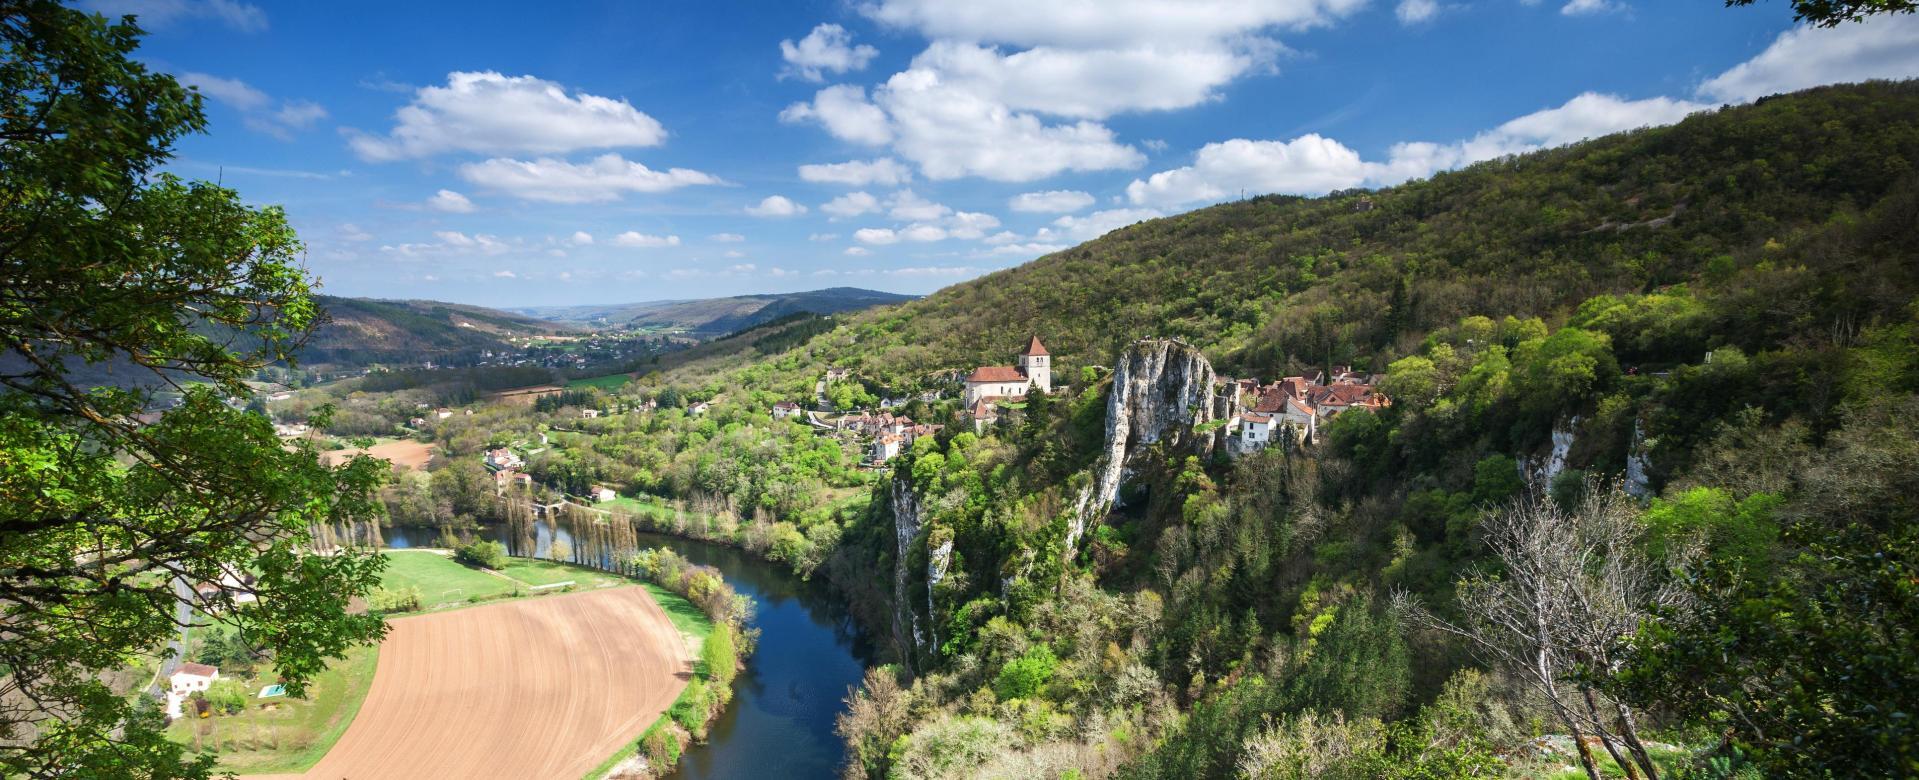 Voyage à pied : Massif Central : Conques-cahors par la vallée du célé